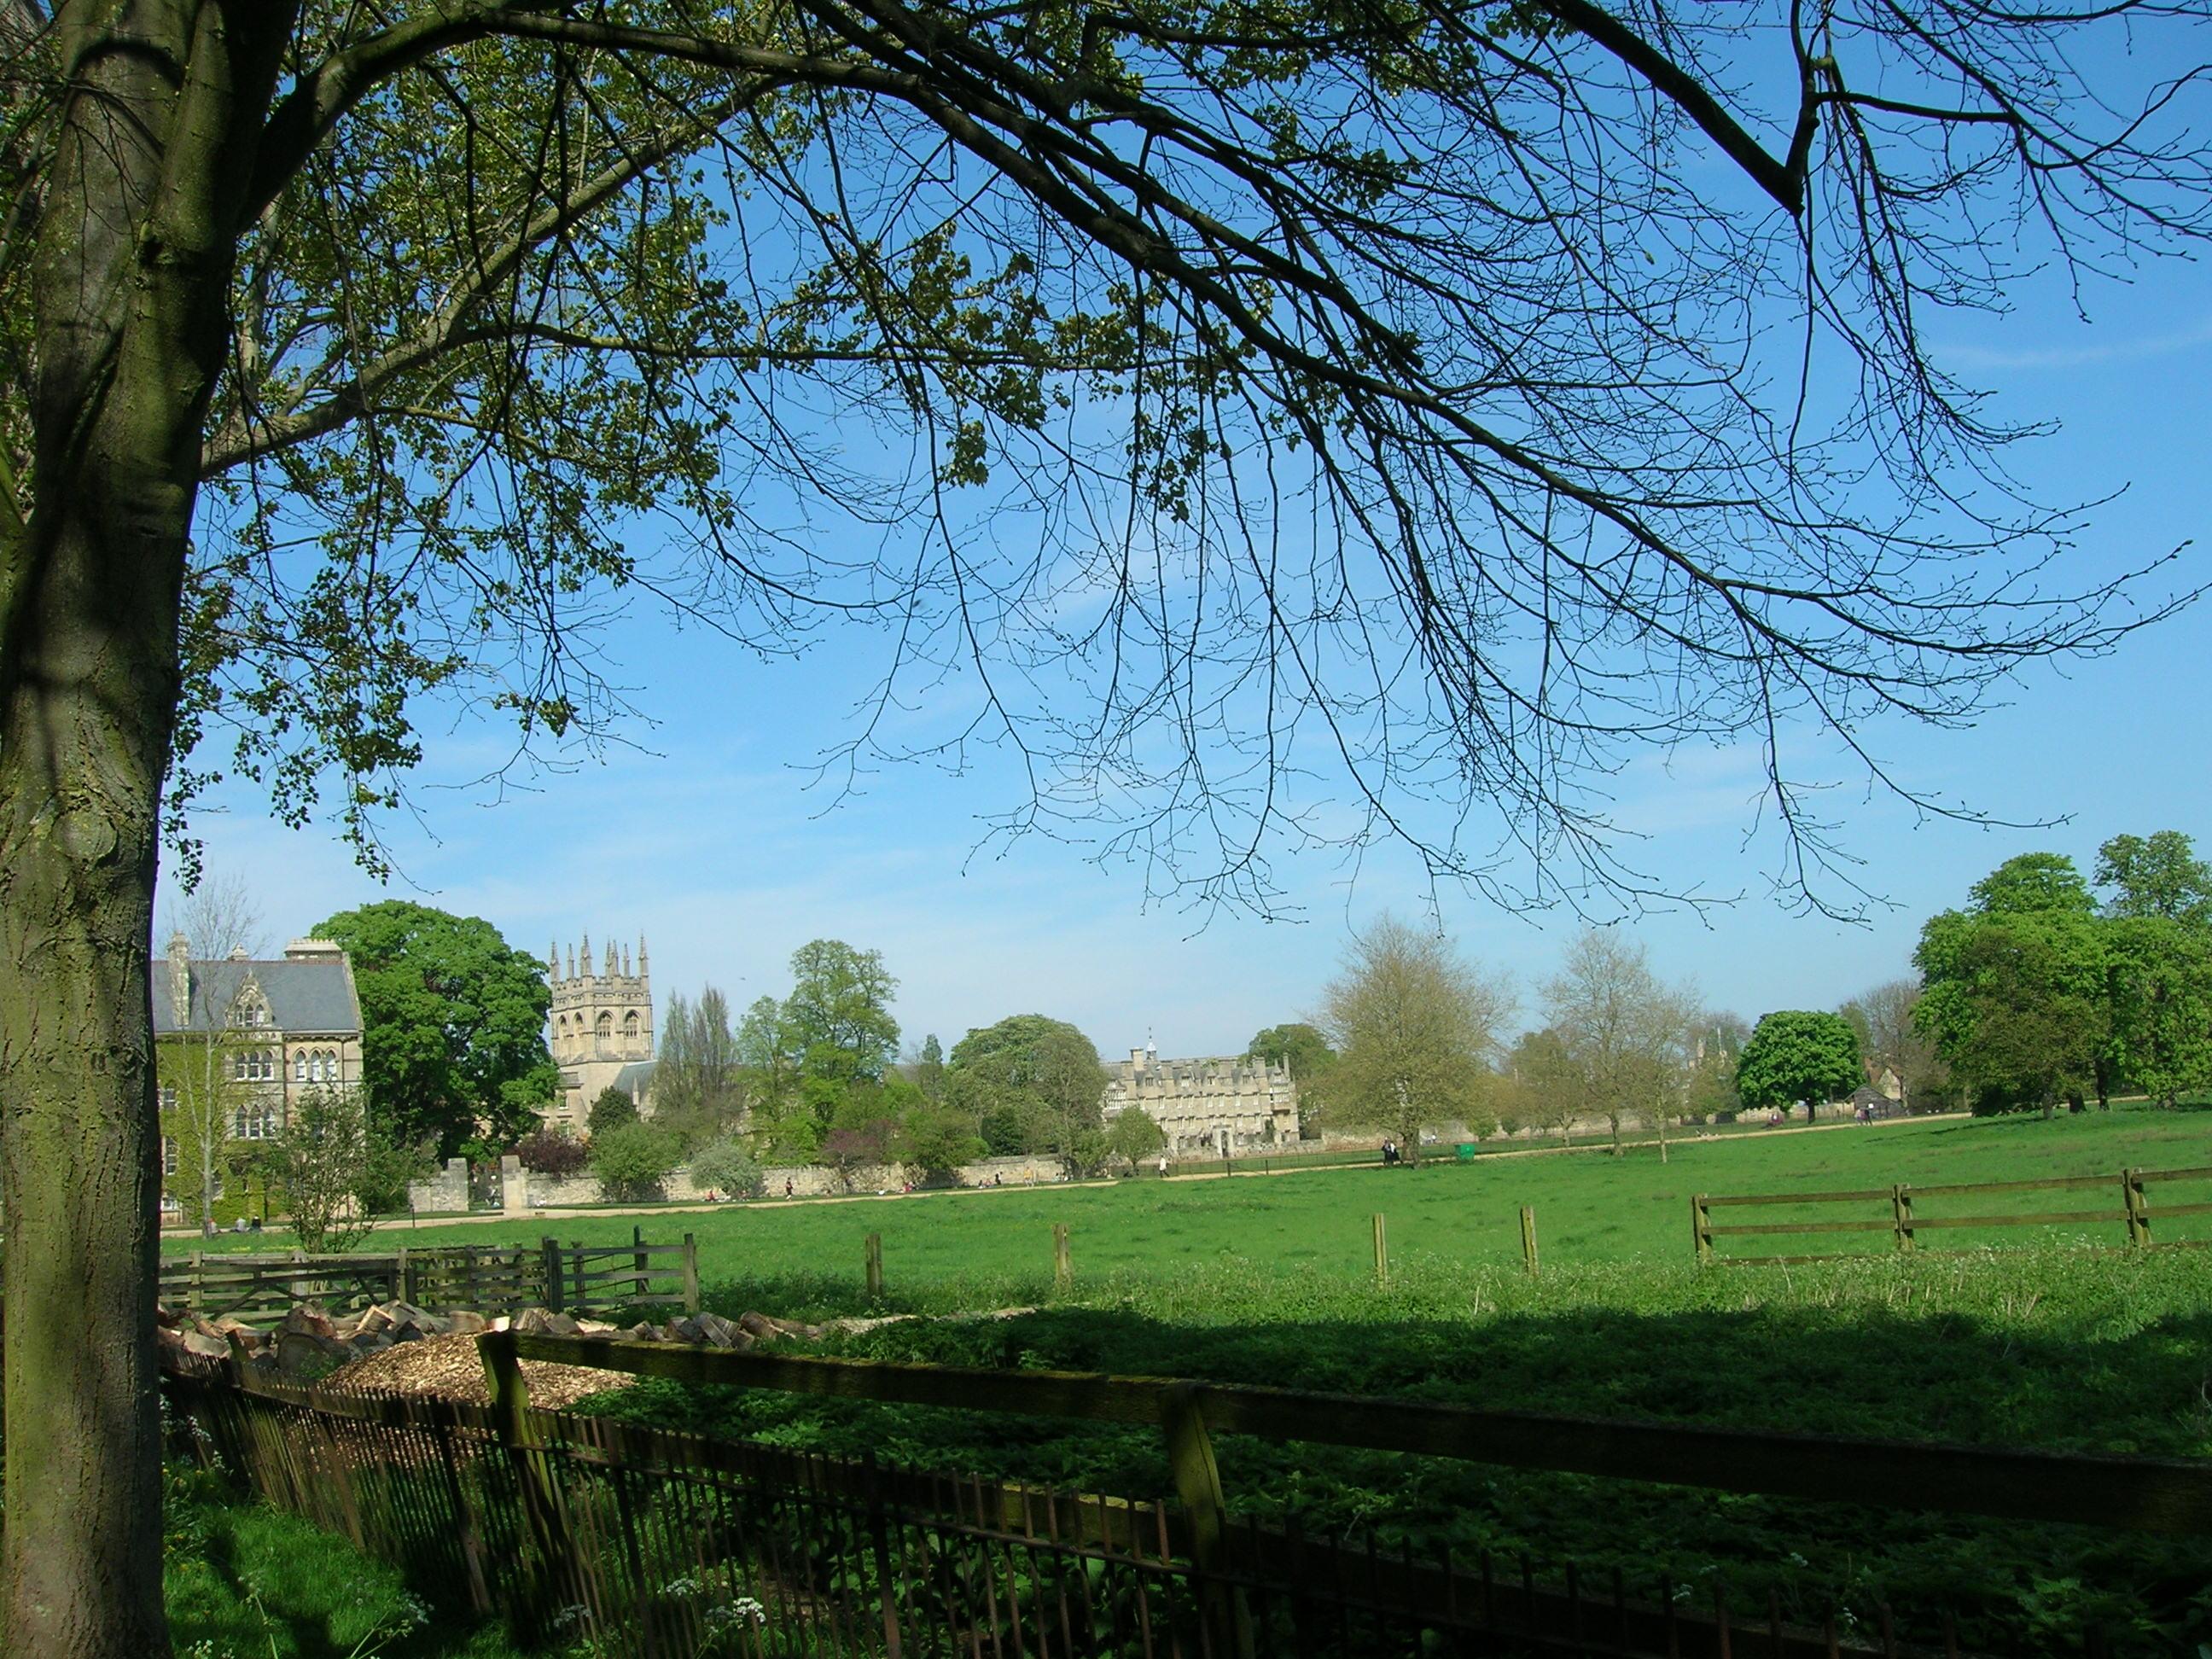 Луга в окрестностях Оксфордского университета, где проводили время сестры Лиделл